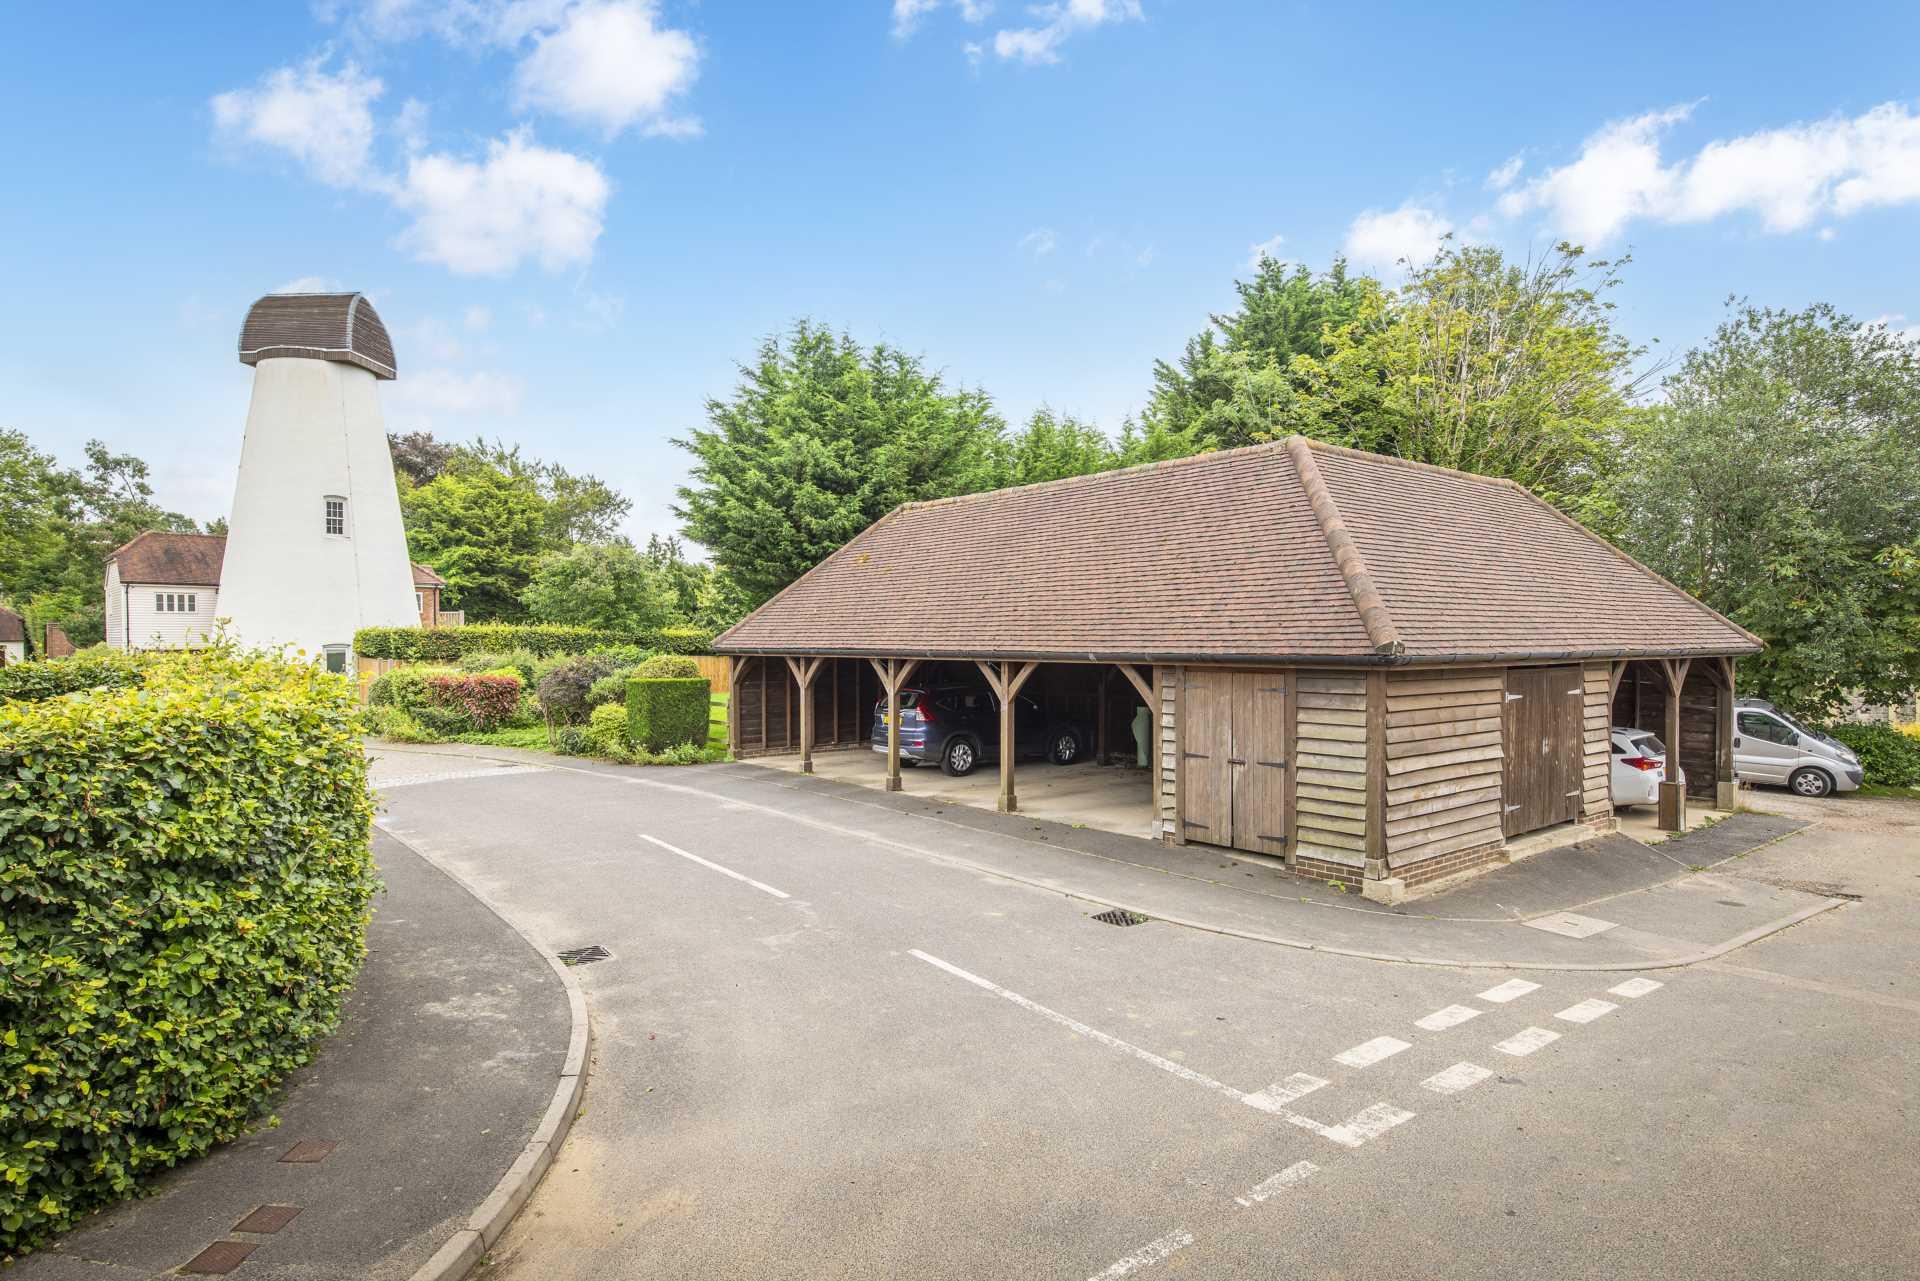 Mill Court, Bidborough, Tunbridge Wells, Image 16